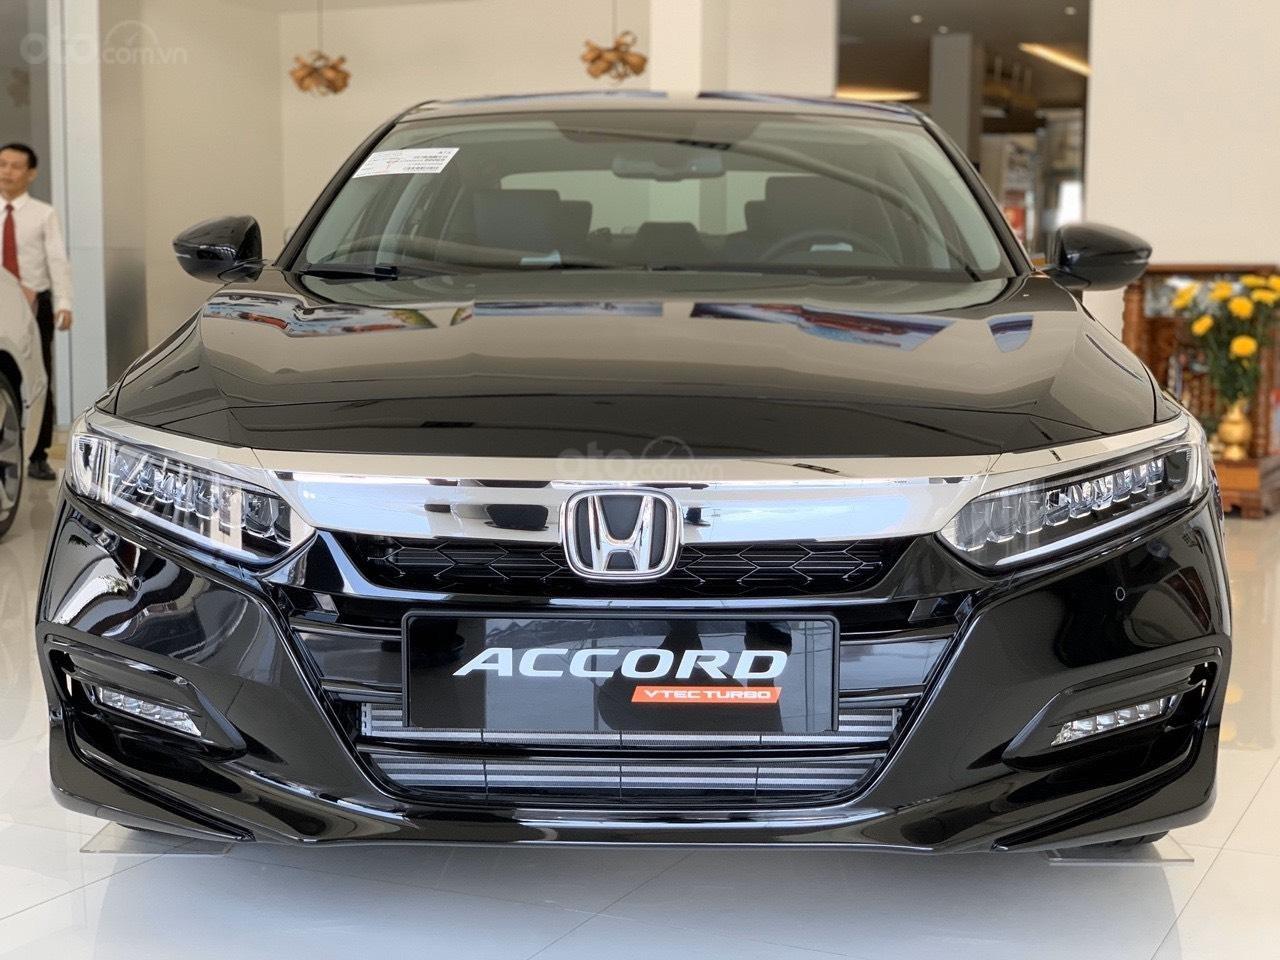 [Đại lý chính hãng - Honda ô tô Khánh Hòa] Honda Accord 2020 (Mới 100%), ưu đãi và quà tặng hấp dẫn (3)